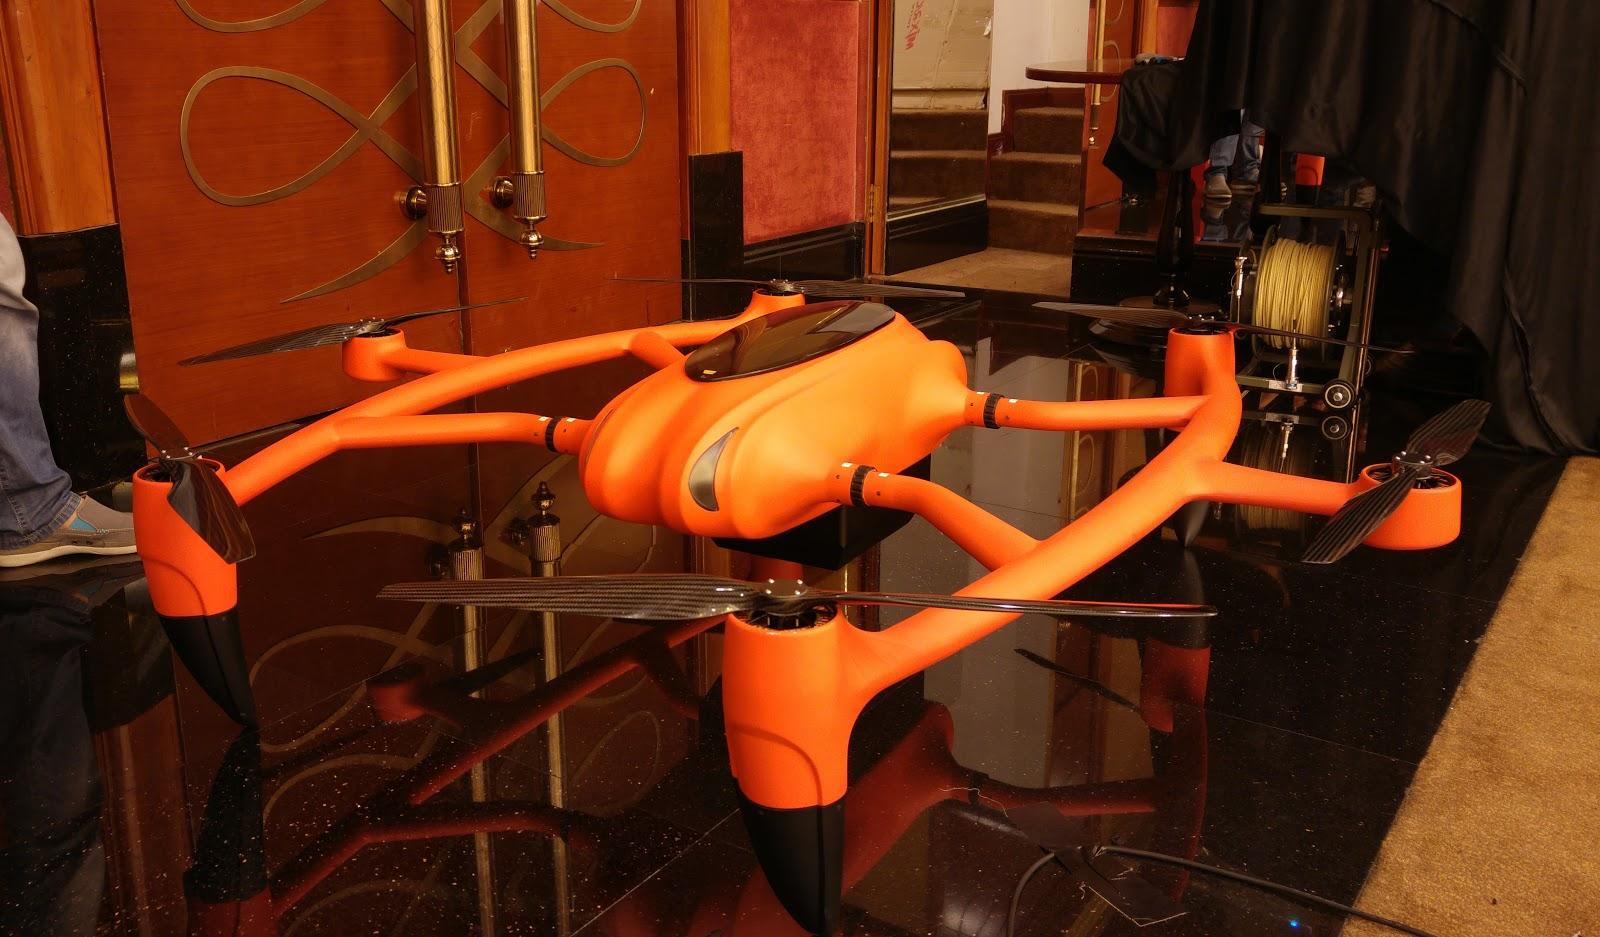 水素燃料ドローンも登場。代替動力源で飛行時間を拡大できるか